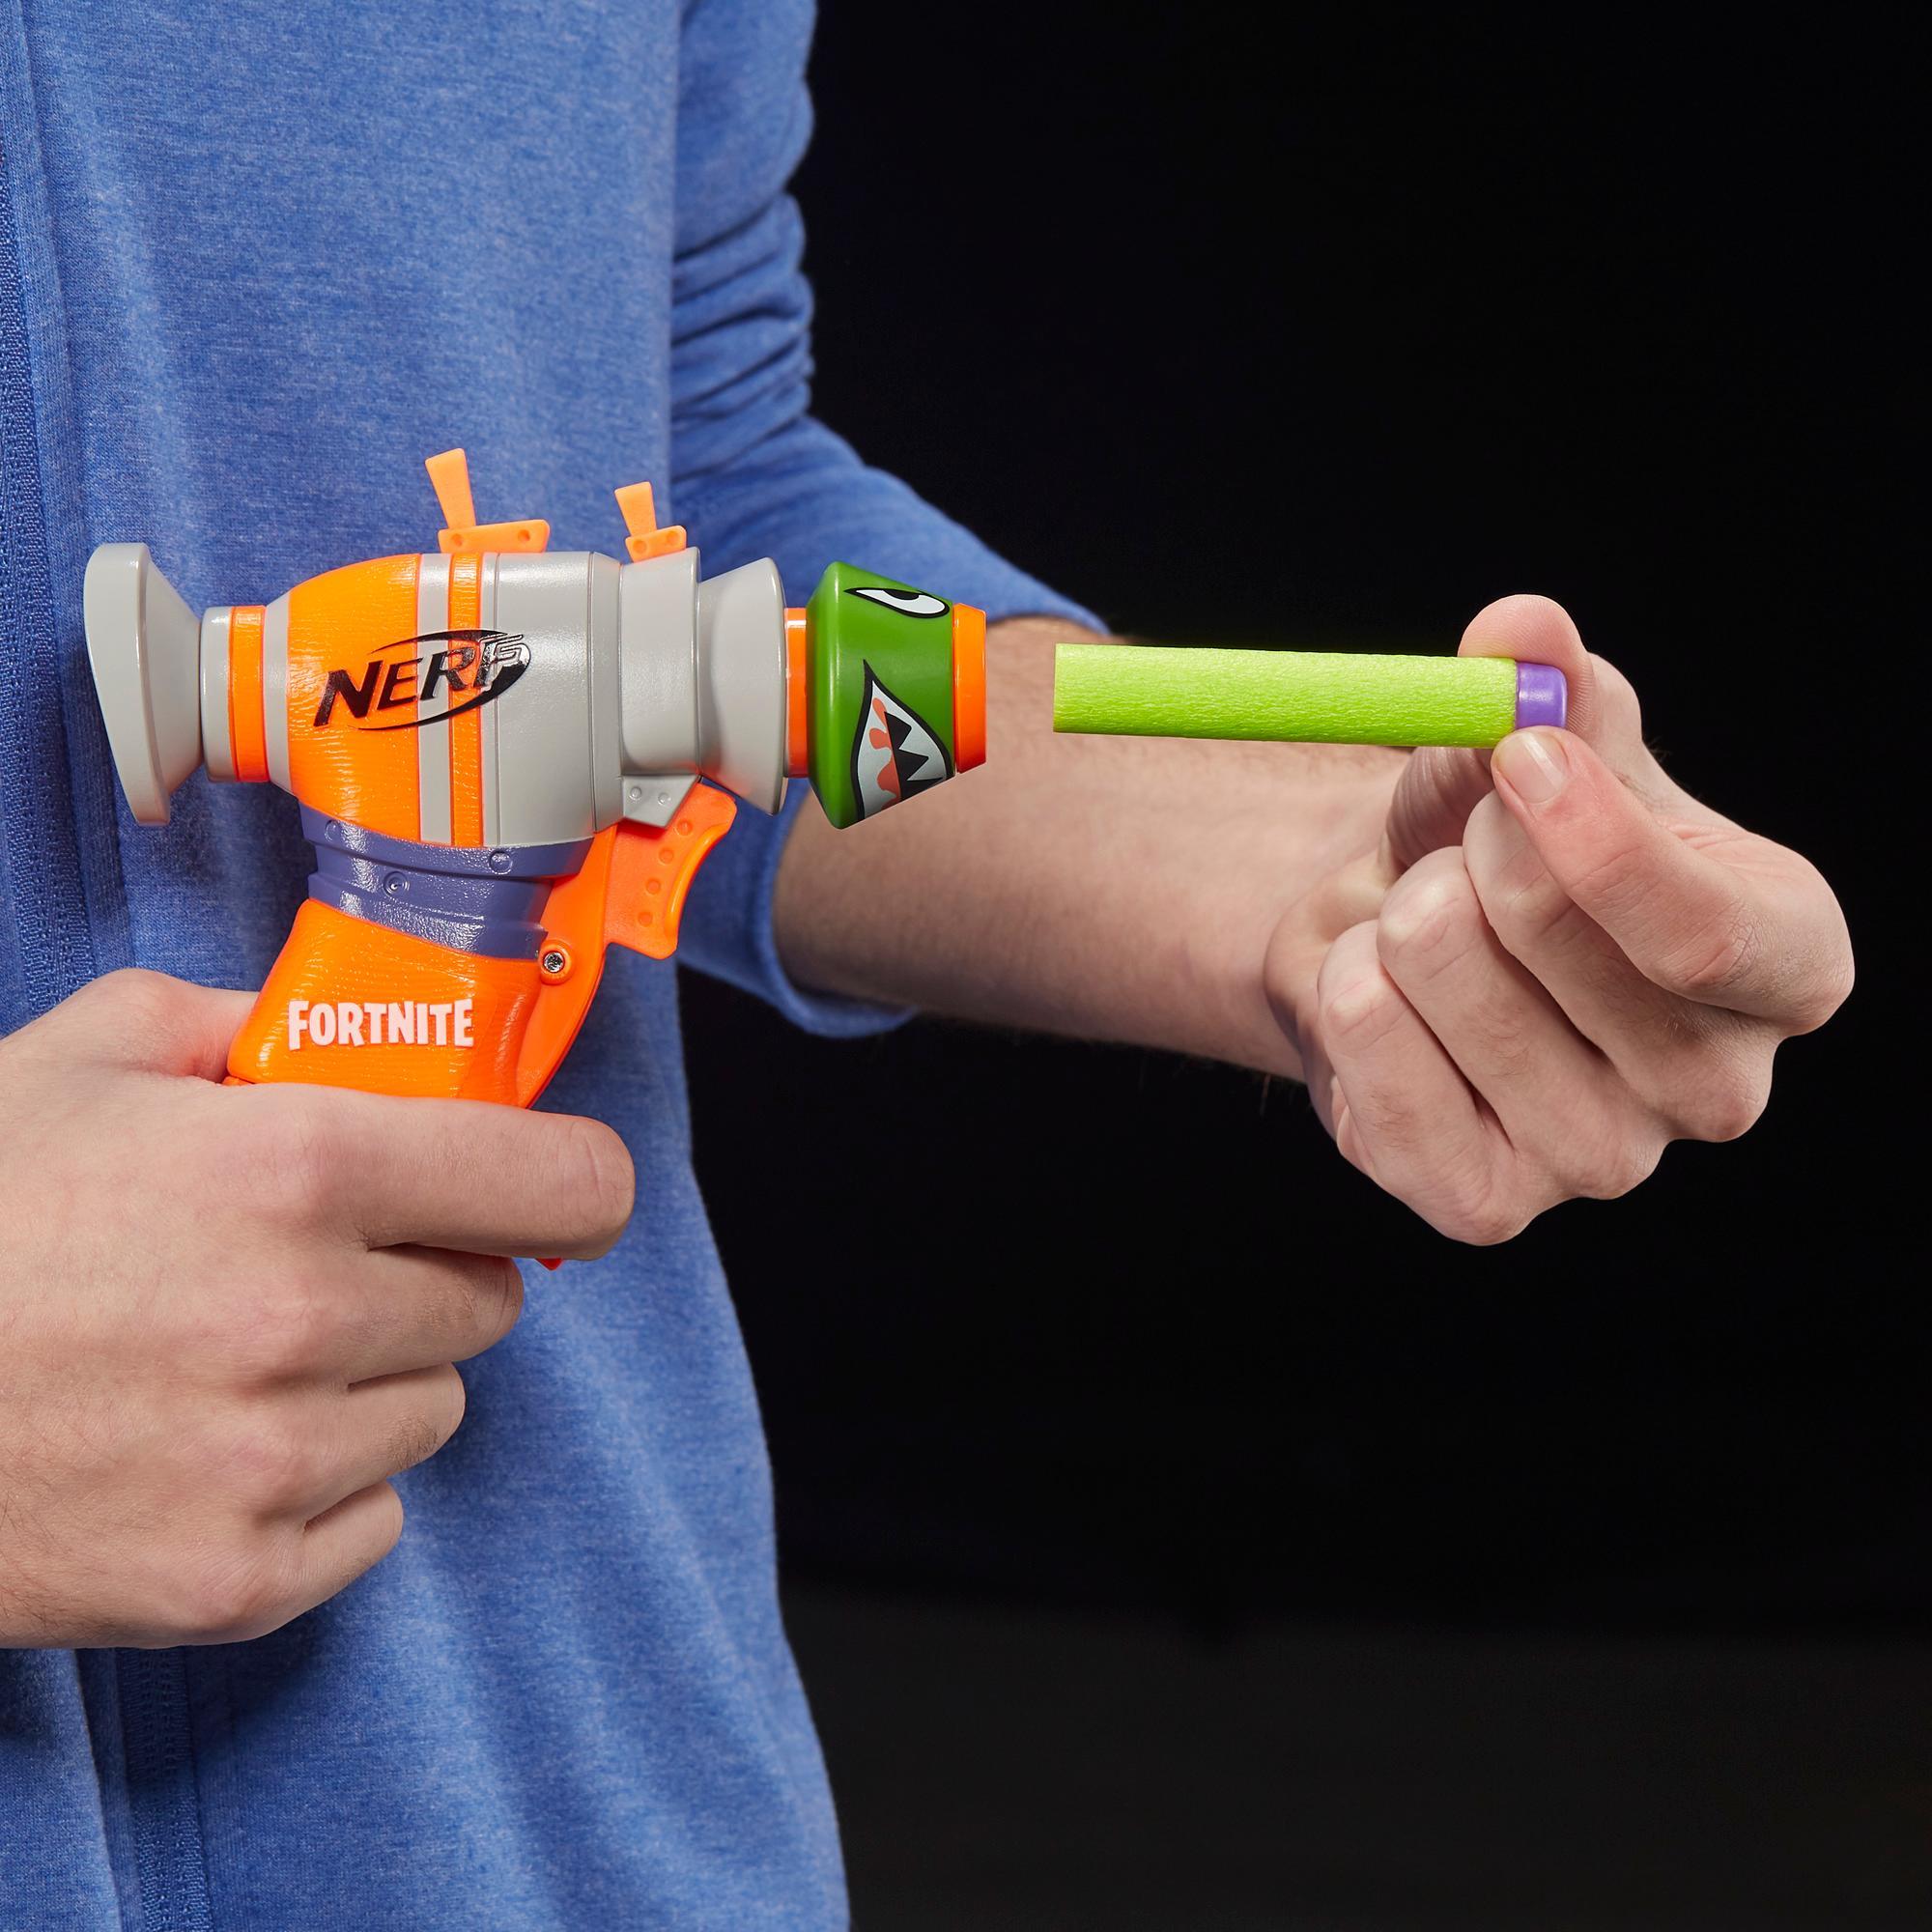 フォートナイト RL ナーフ マイクロショット ダーツ射撃 トイブラスターには2発のナーフ公式エリートダーツが付属。児童、青年、大人向け